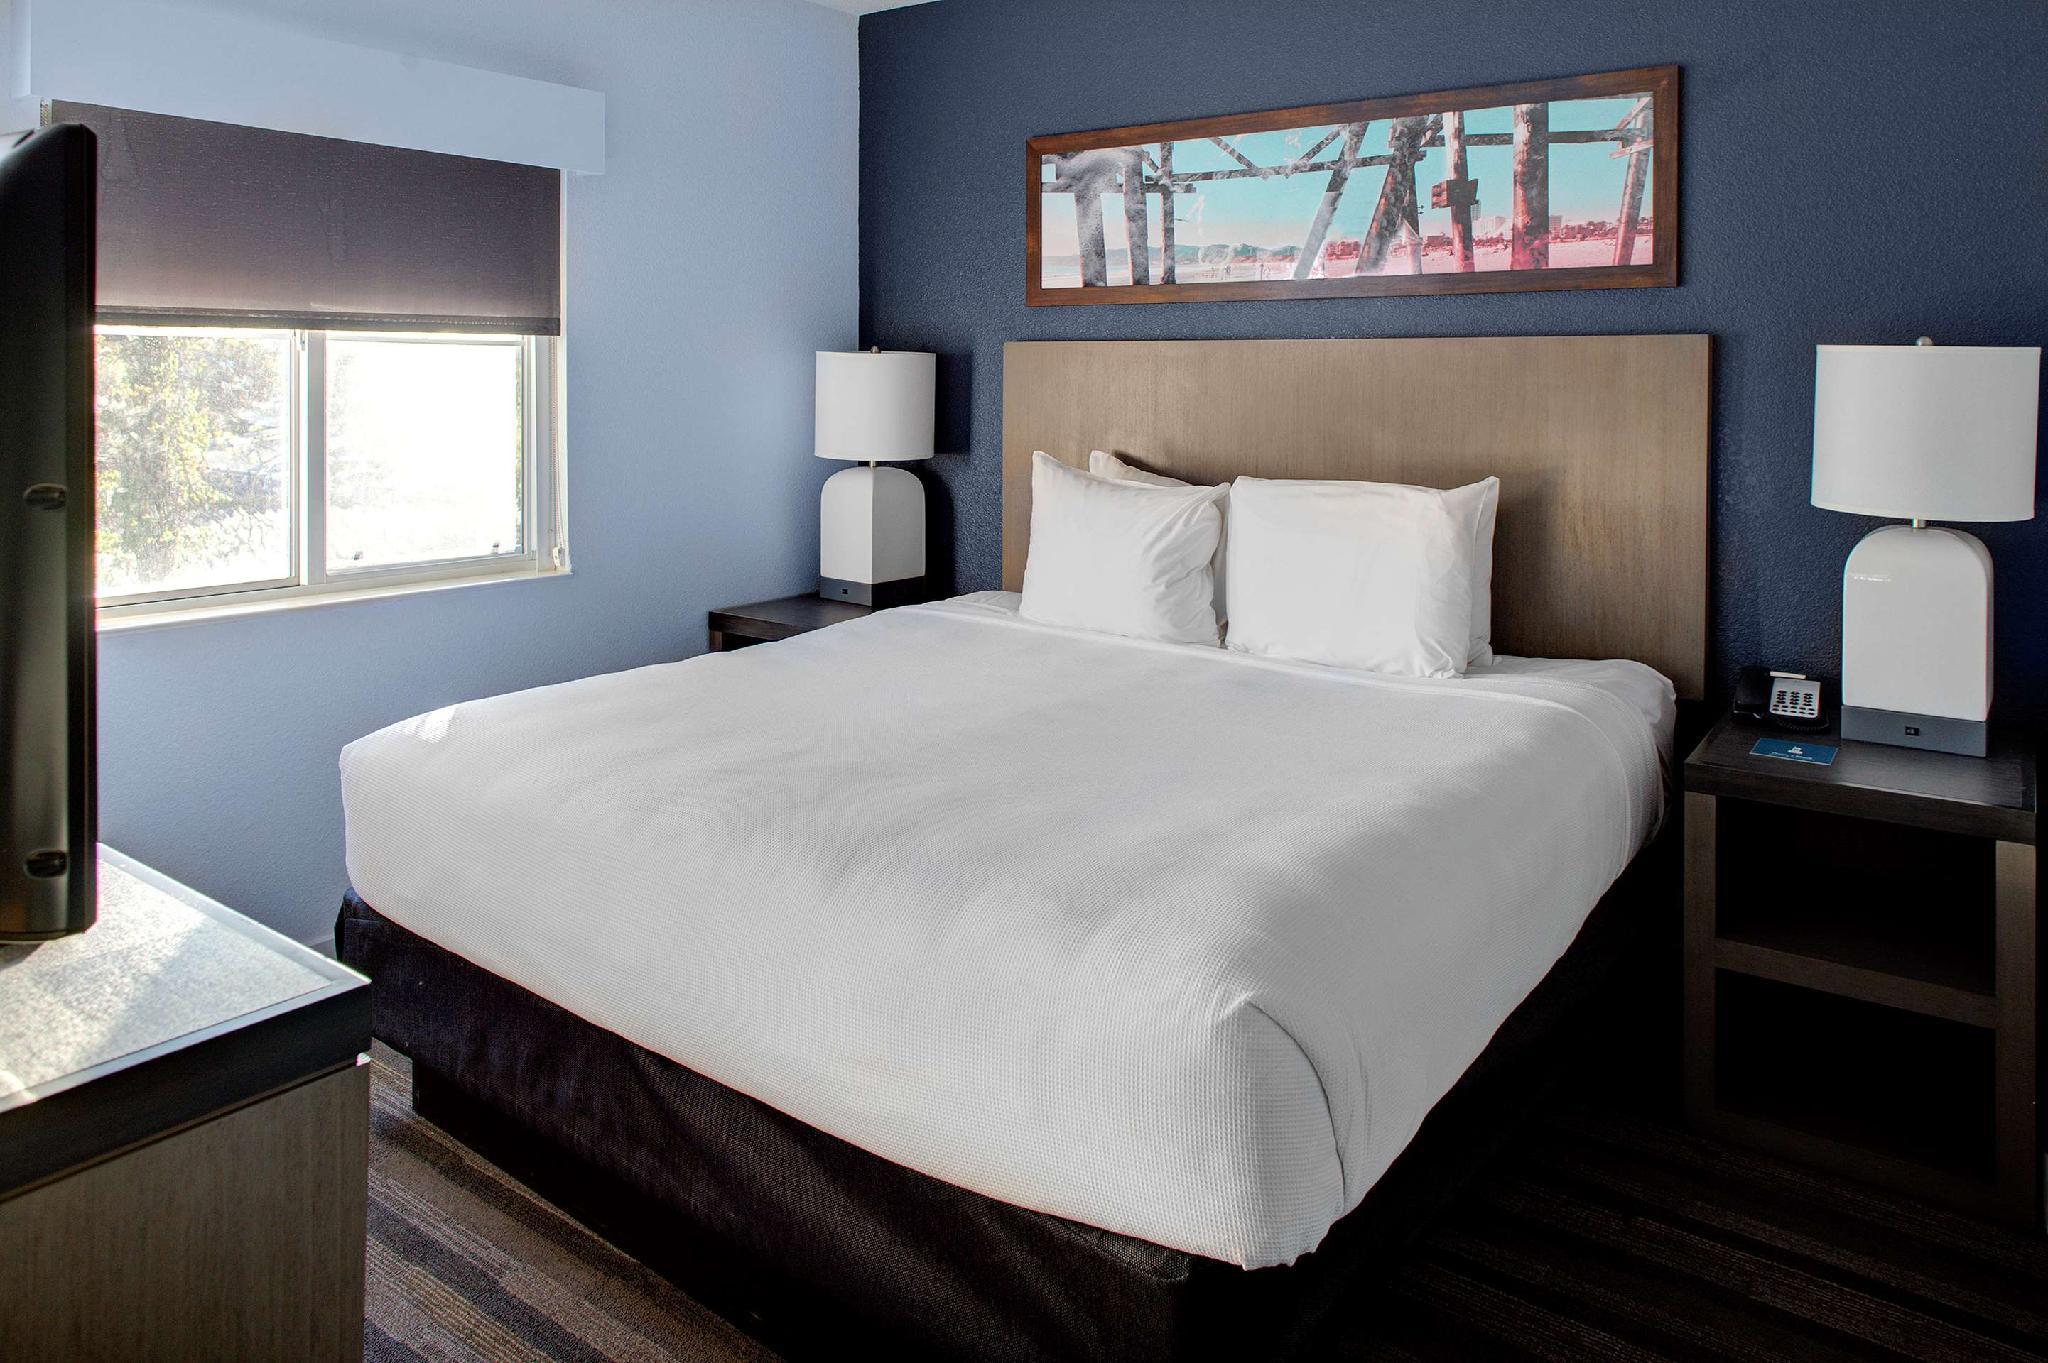 ADA 2 Bedroom 1 Queen 1 King with Tub